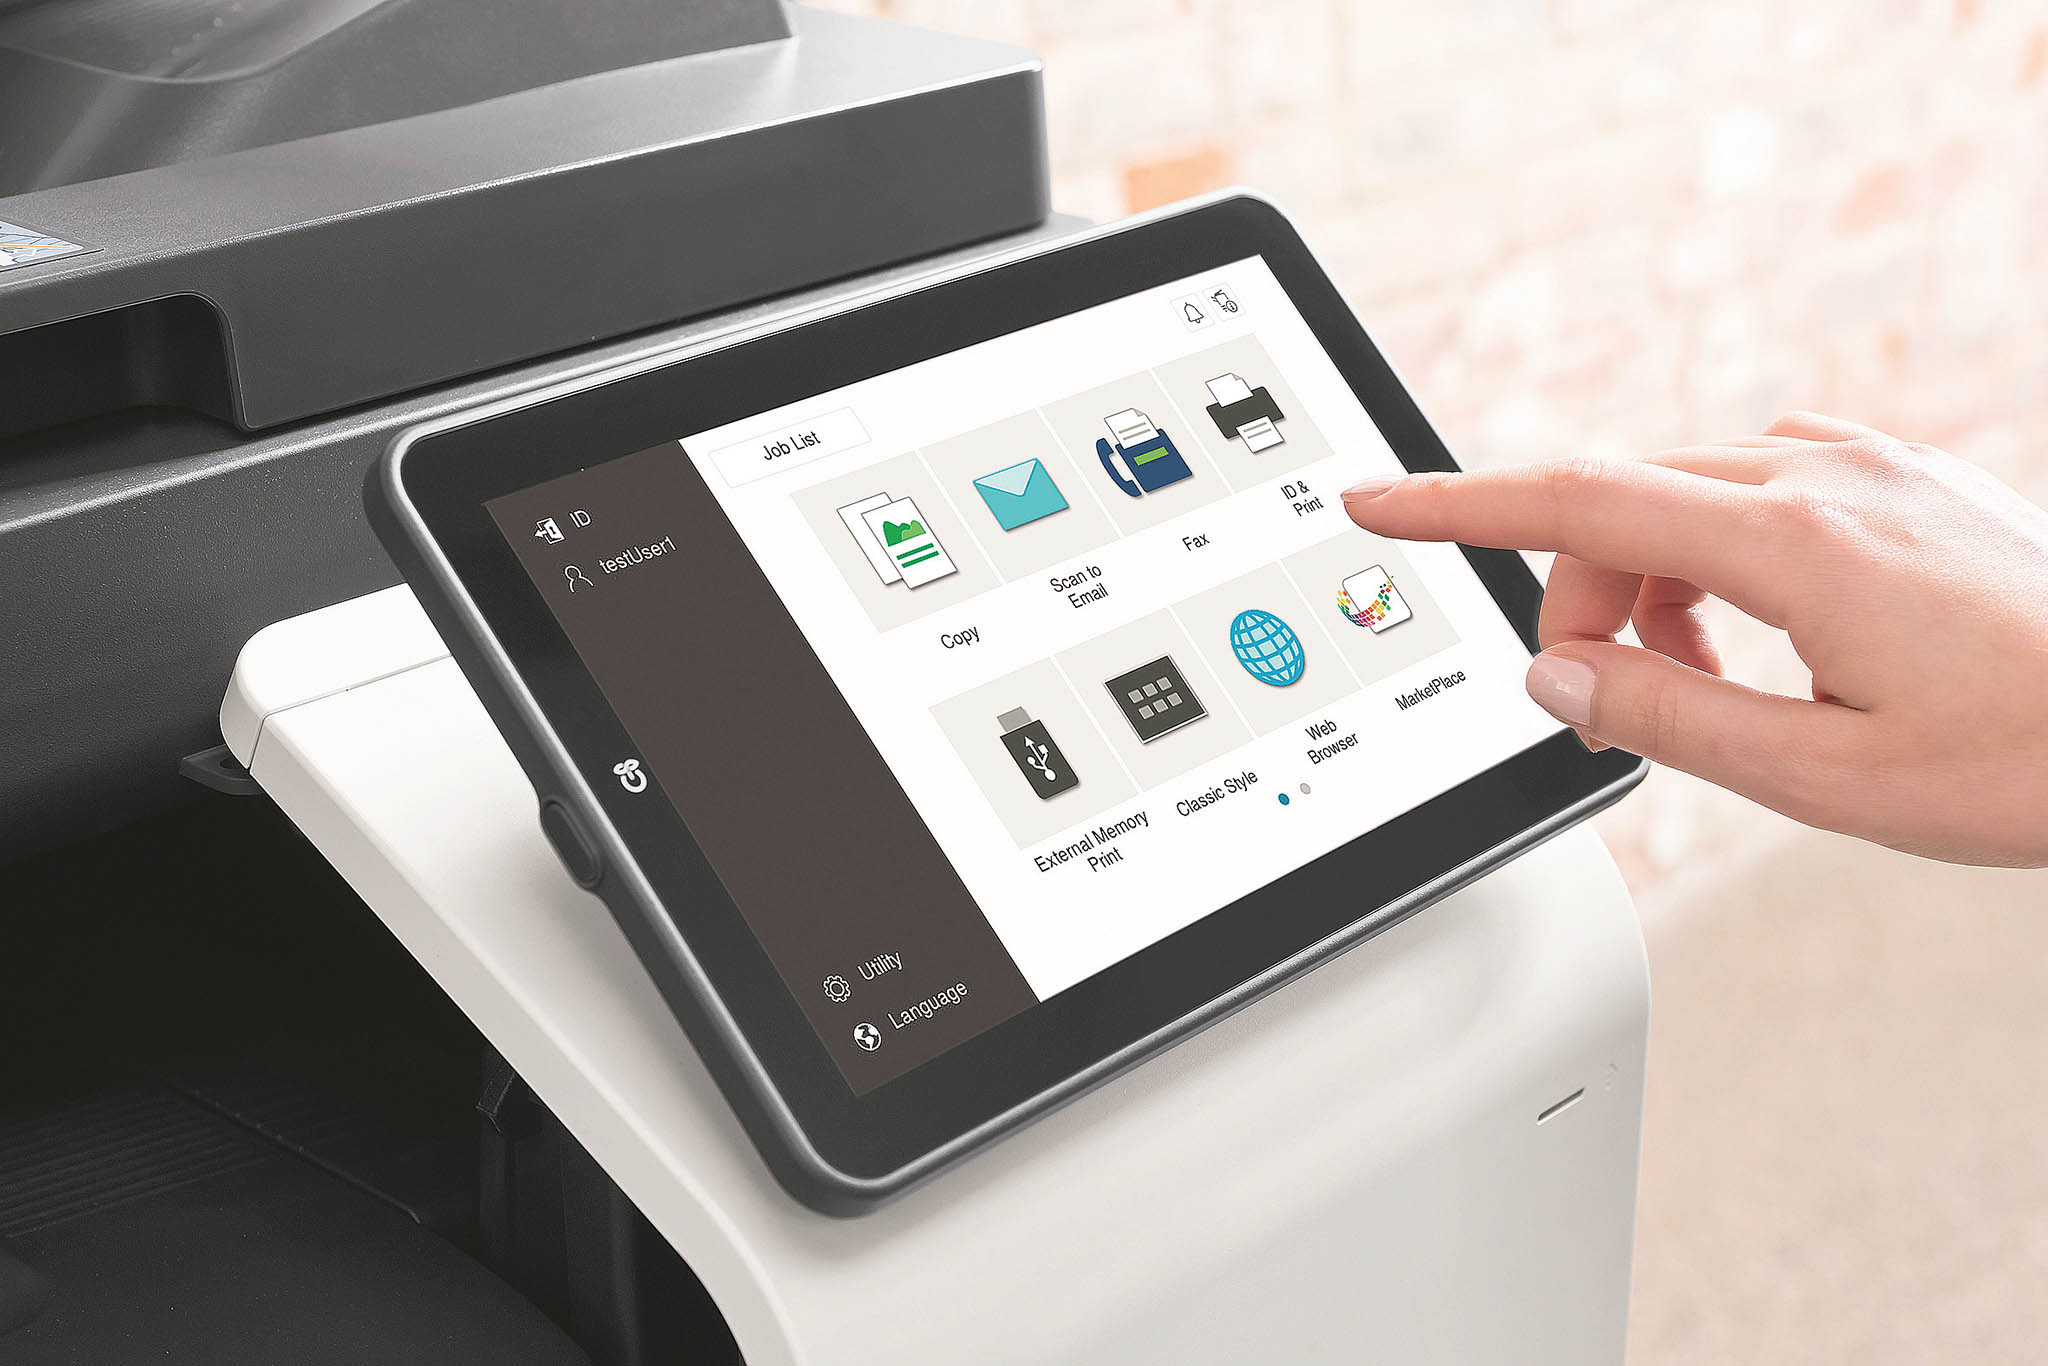 Proč hned tisknout, když lze dokument naskenovat, případně převést text z papíru do digitální formy?